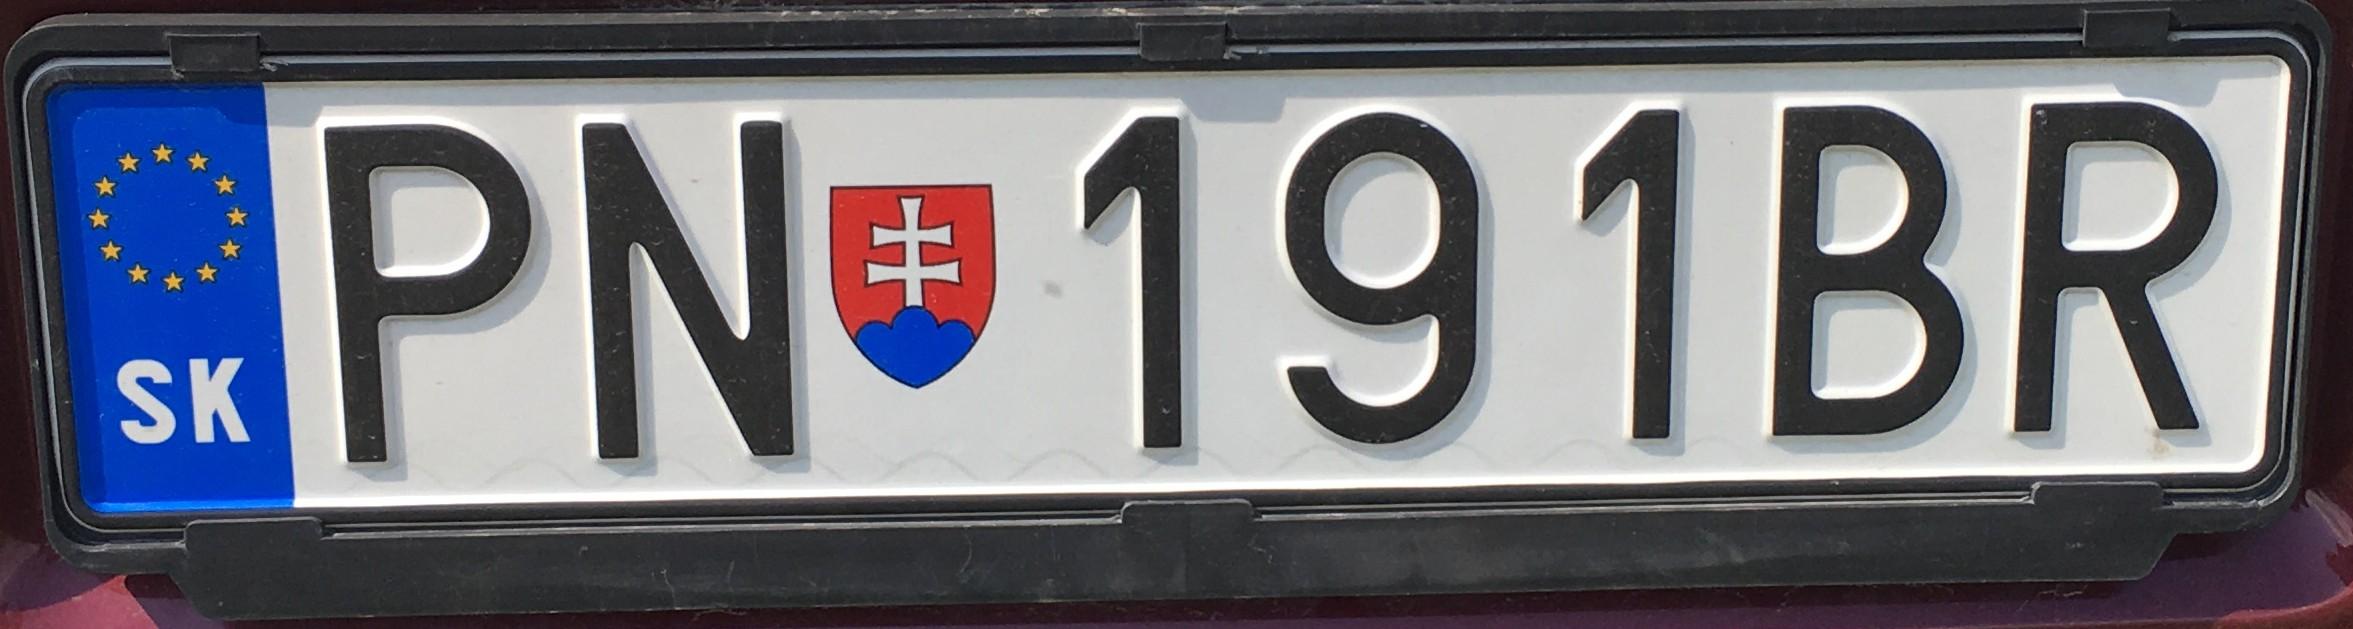 Registrační značka: PN - Piešťany, foto: vlastní